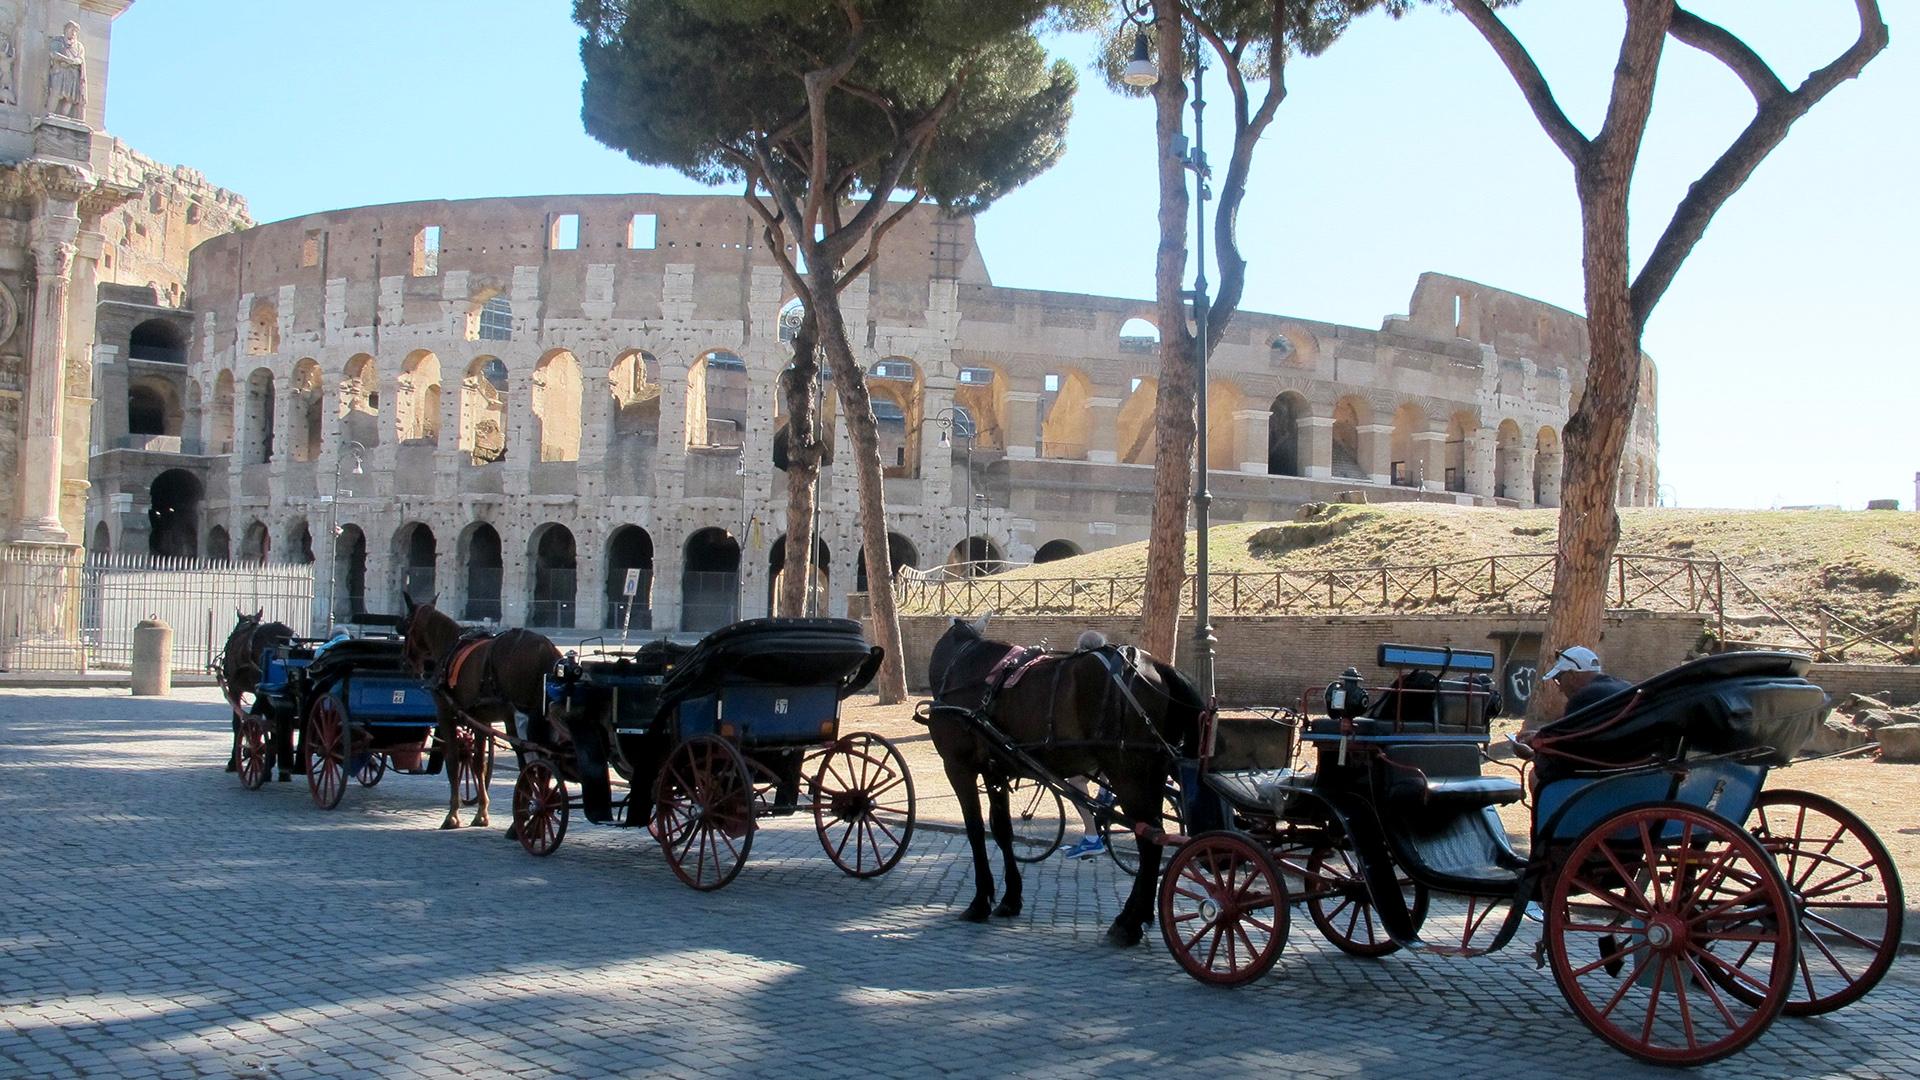 Kitiltják Rómából a lovas fogatokat